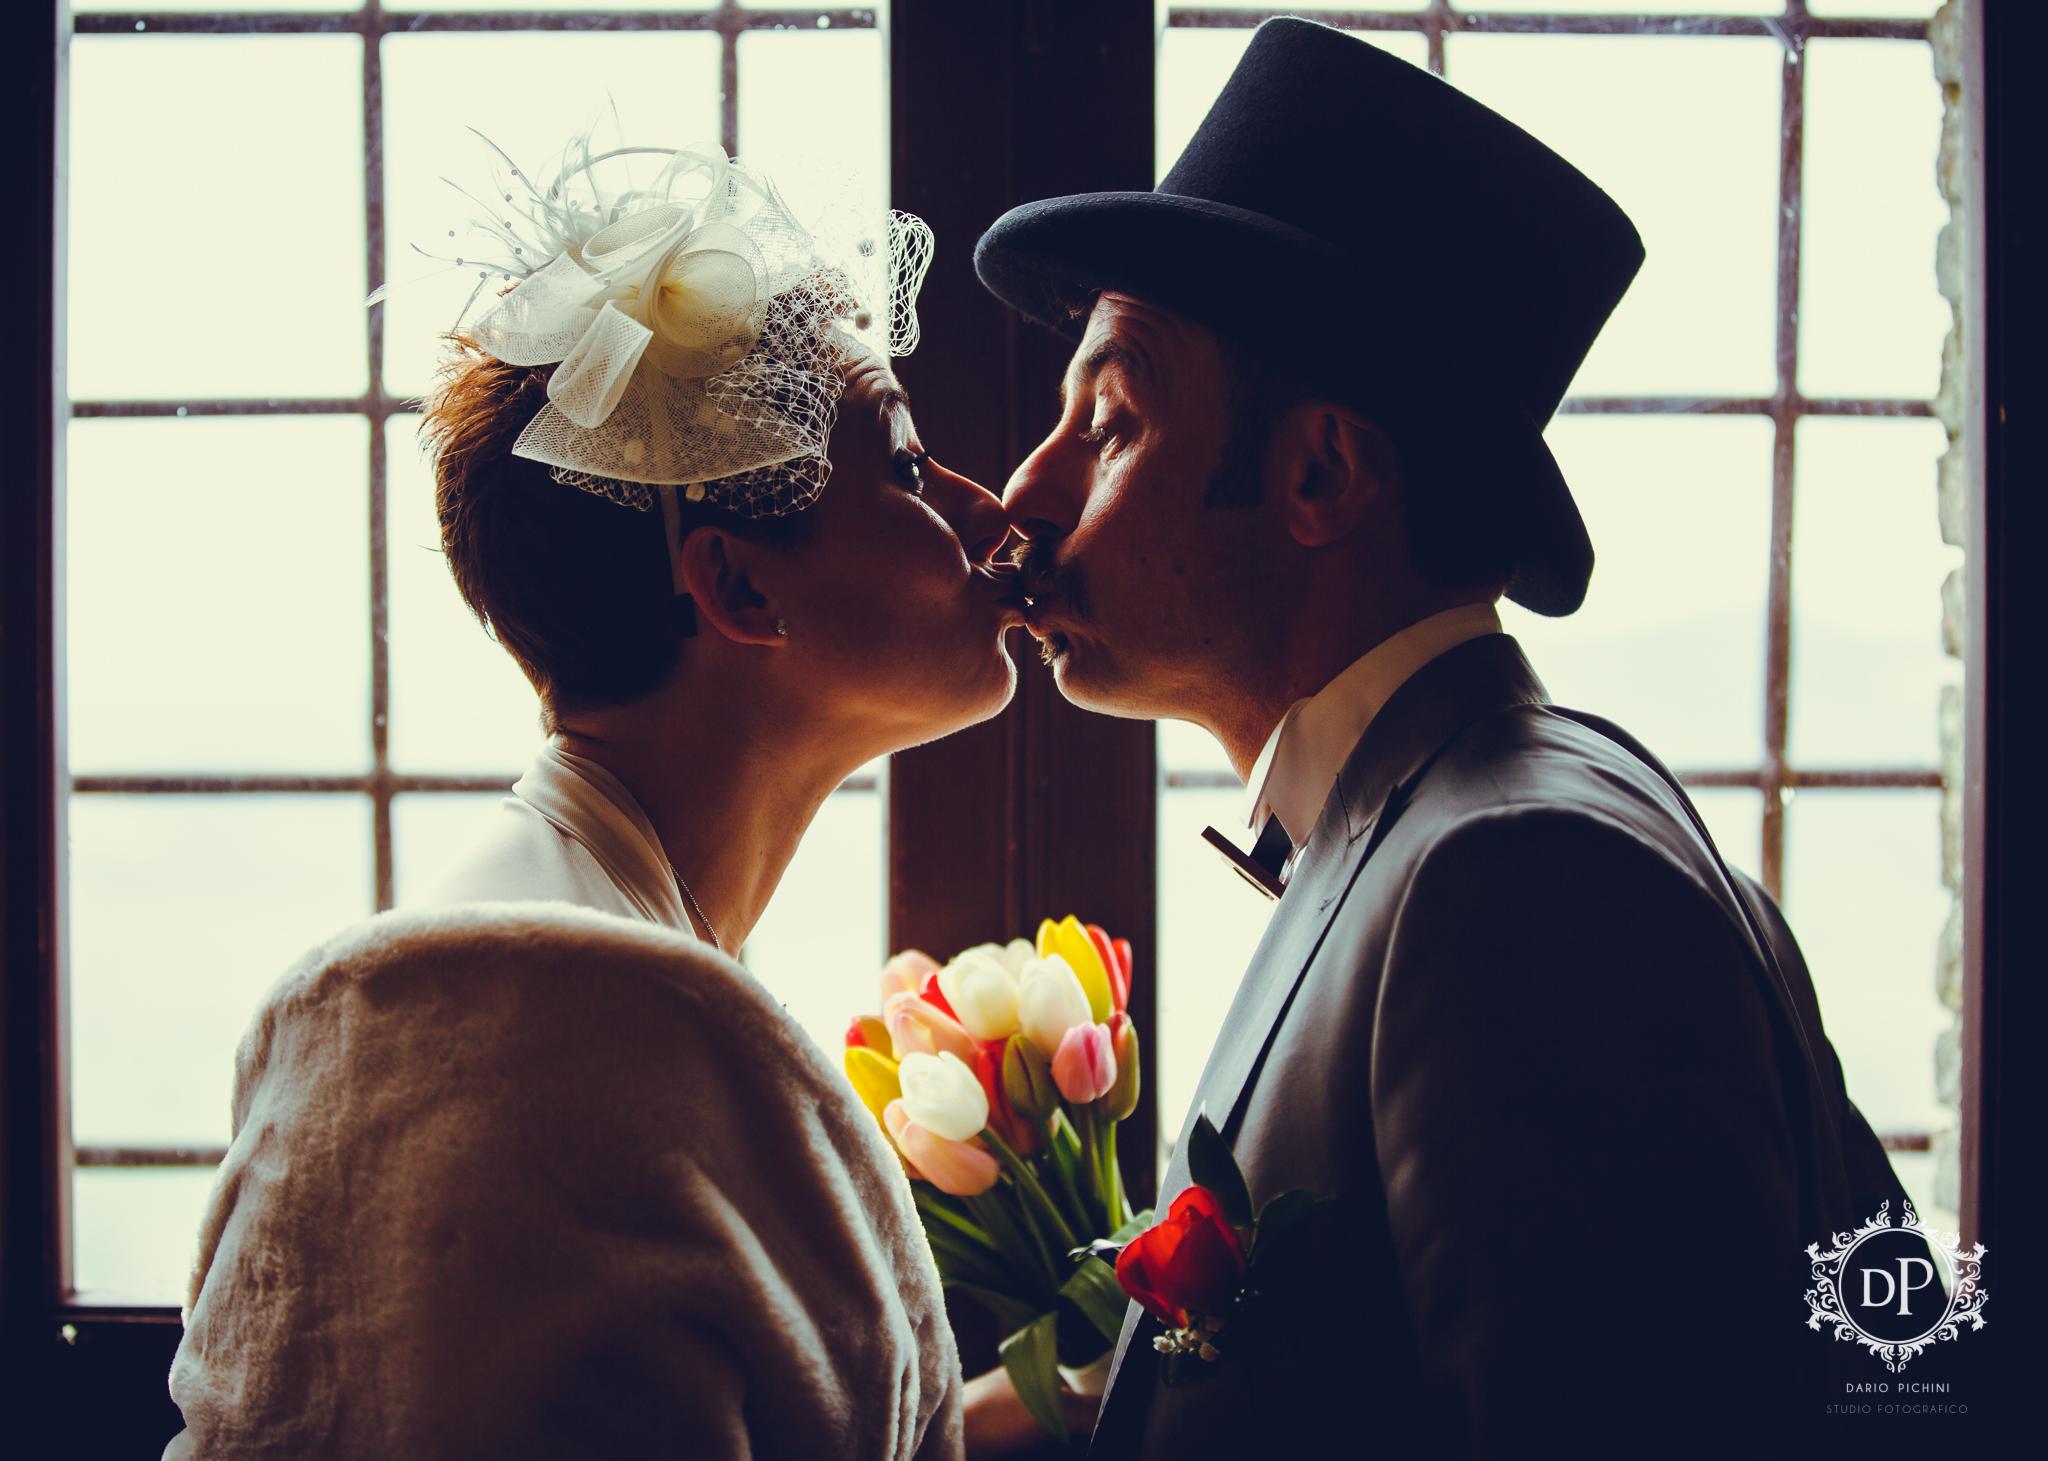 Francesca & Paolo - Un matrimonio a Montepulciano... tutto da ridere!